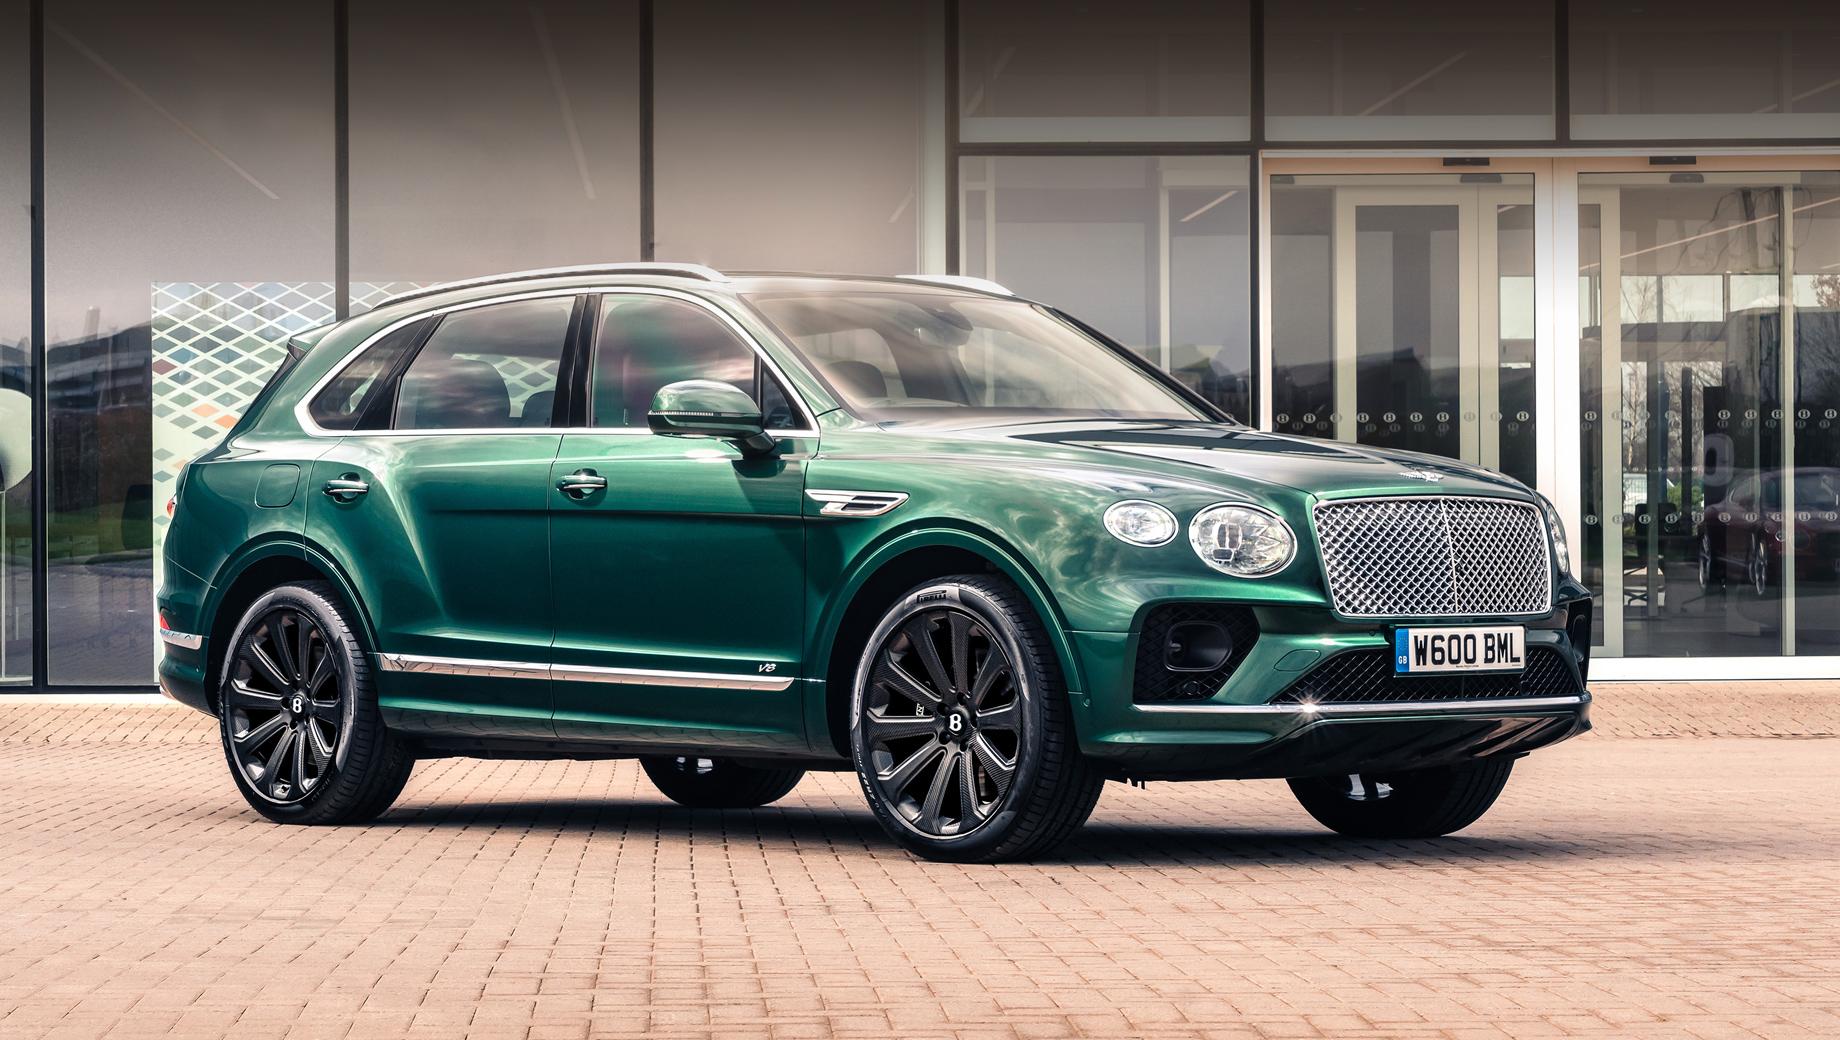 Bentley bentayga. Любая Bentayga выиграет от обновки, но, пожалуй, высокоскоростная версия Speed или заточенная под улучшенную управляемость Bentayga S — особенно.